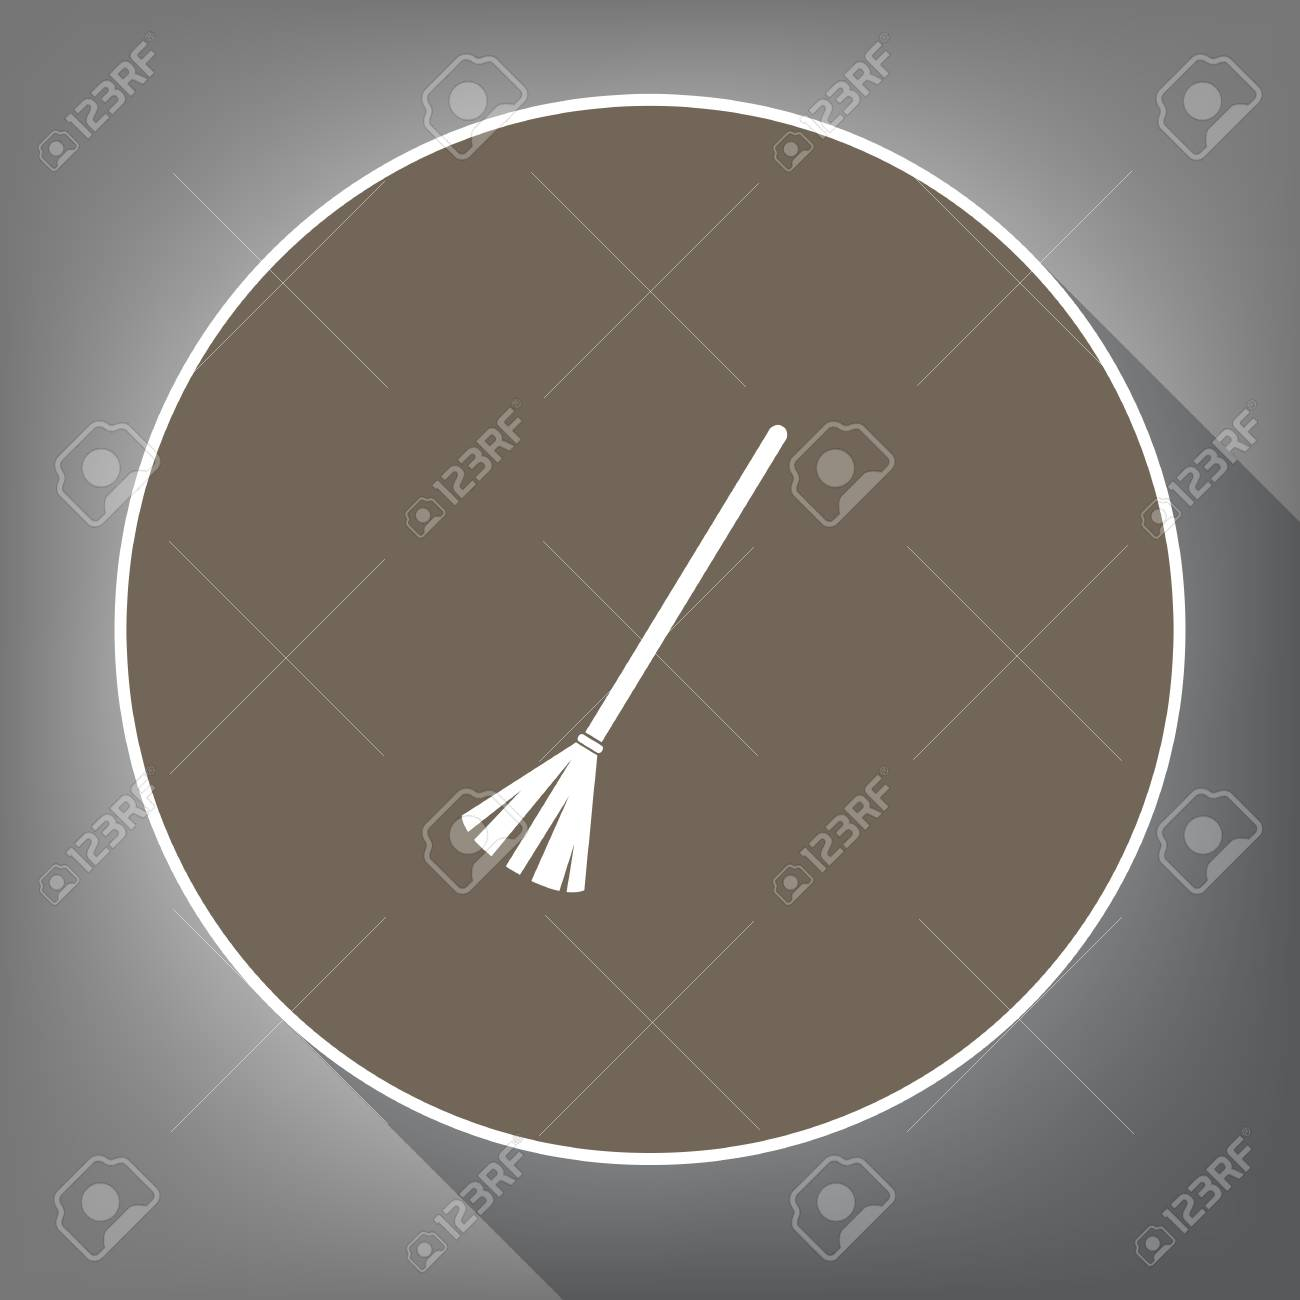 balayage des balais. vecteur. icône blanche sur un cercle marron